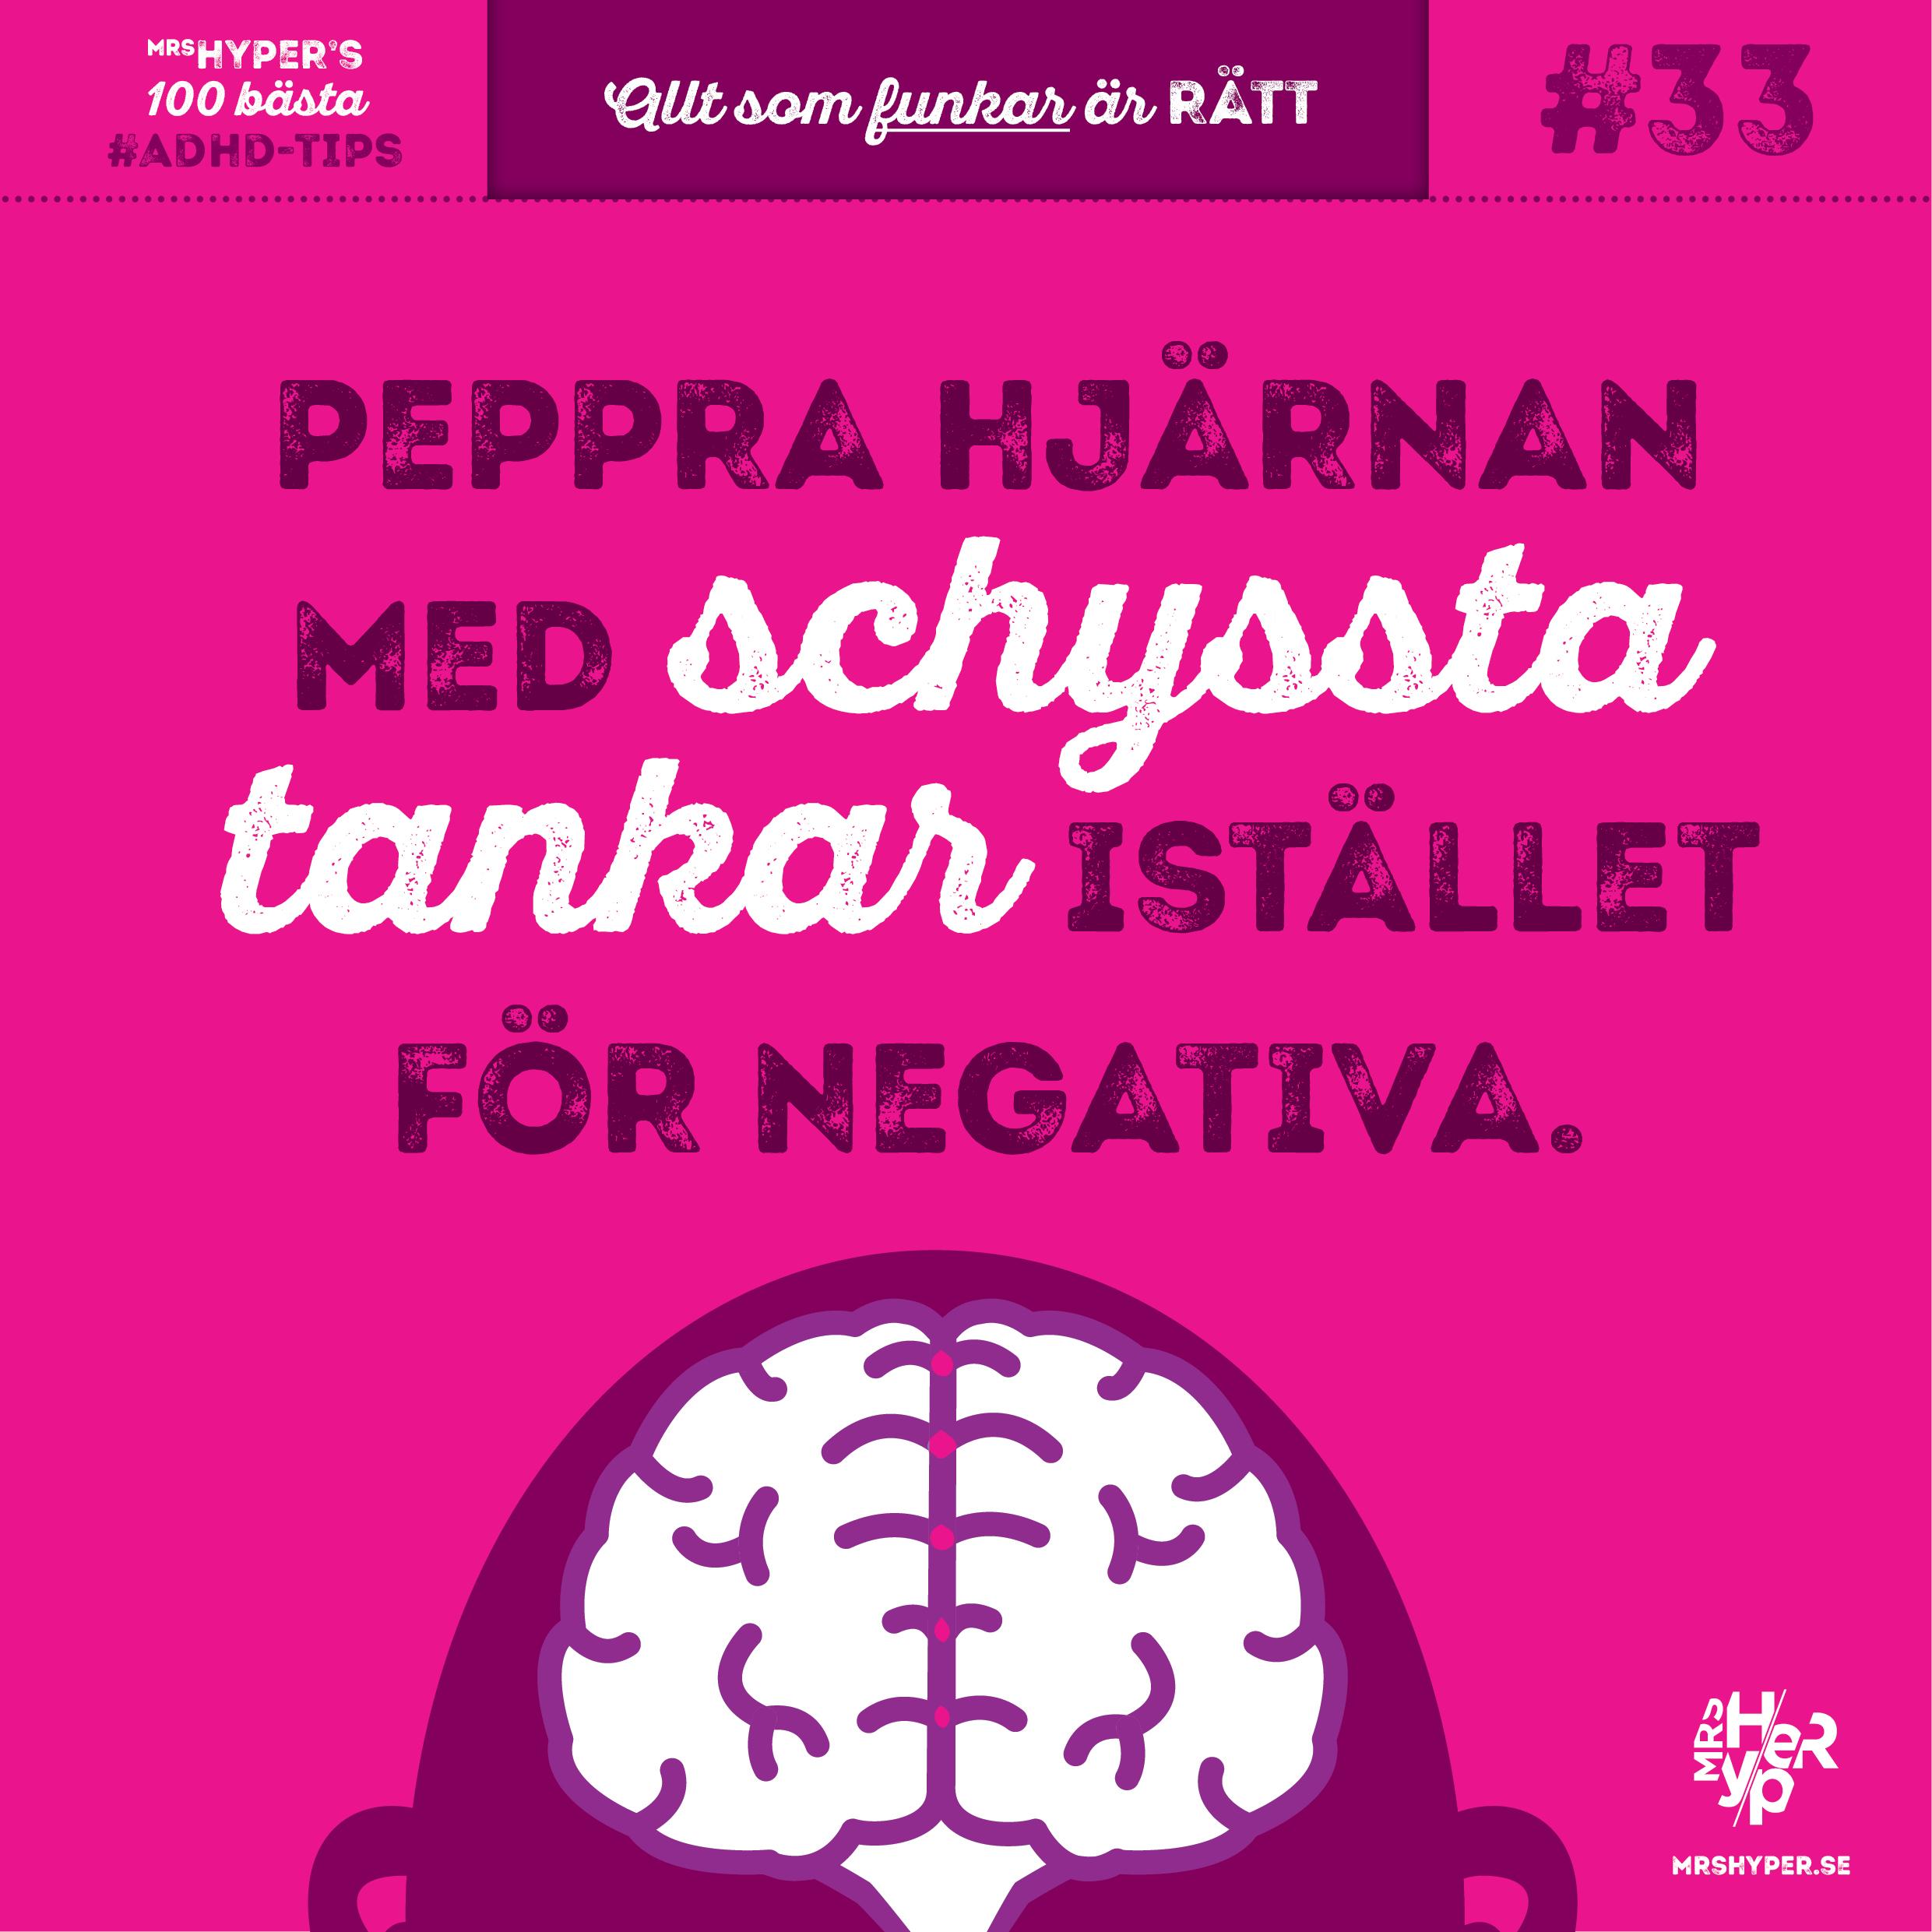 ADHD-tips #33. Peppra hjärnan med schyssta tankar istället för negativa.